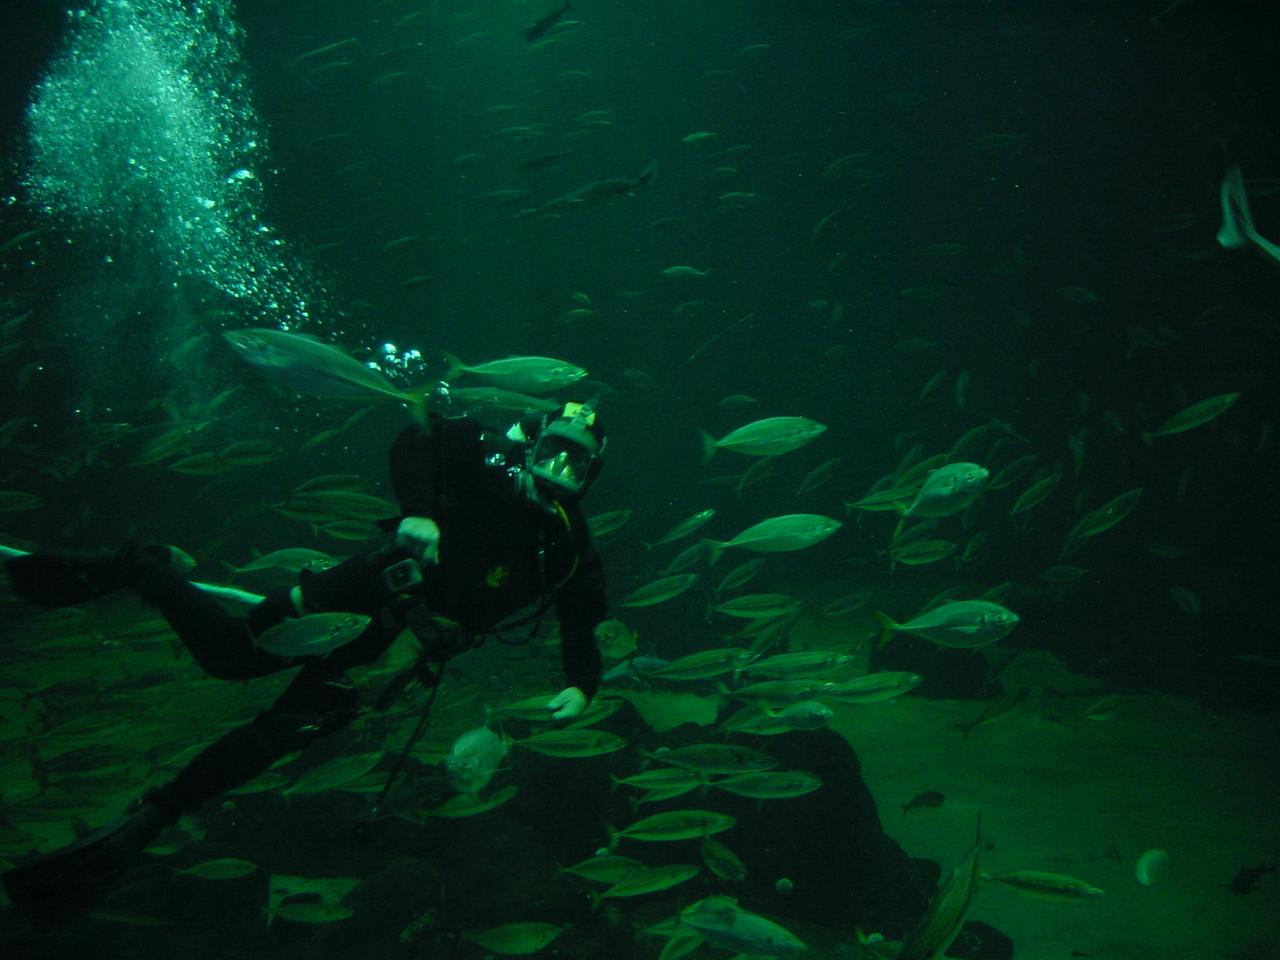 Los buceadores, los trabajadores del mar que sufren más riesgos psicosociales